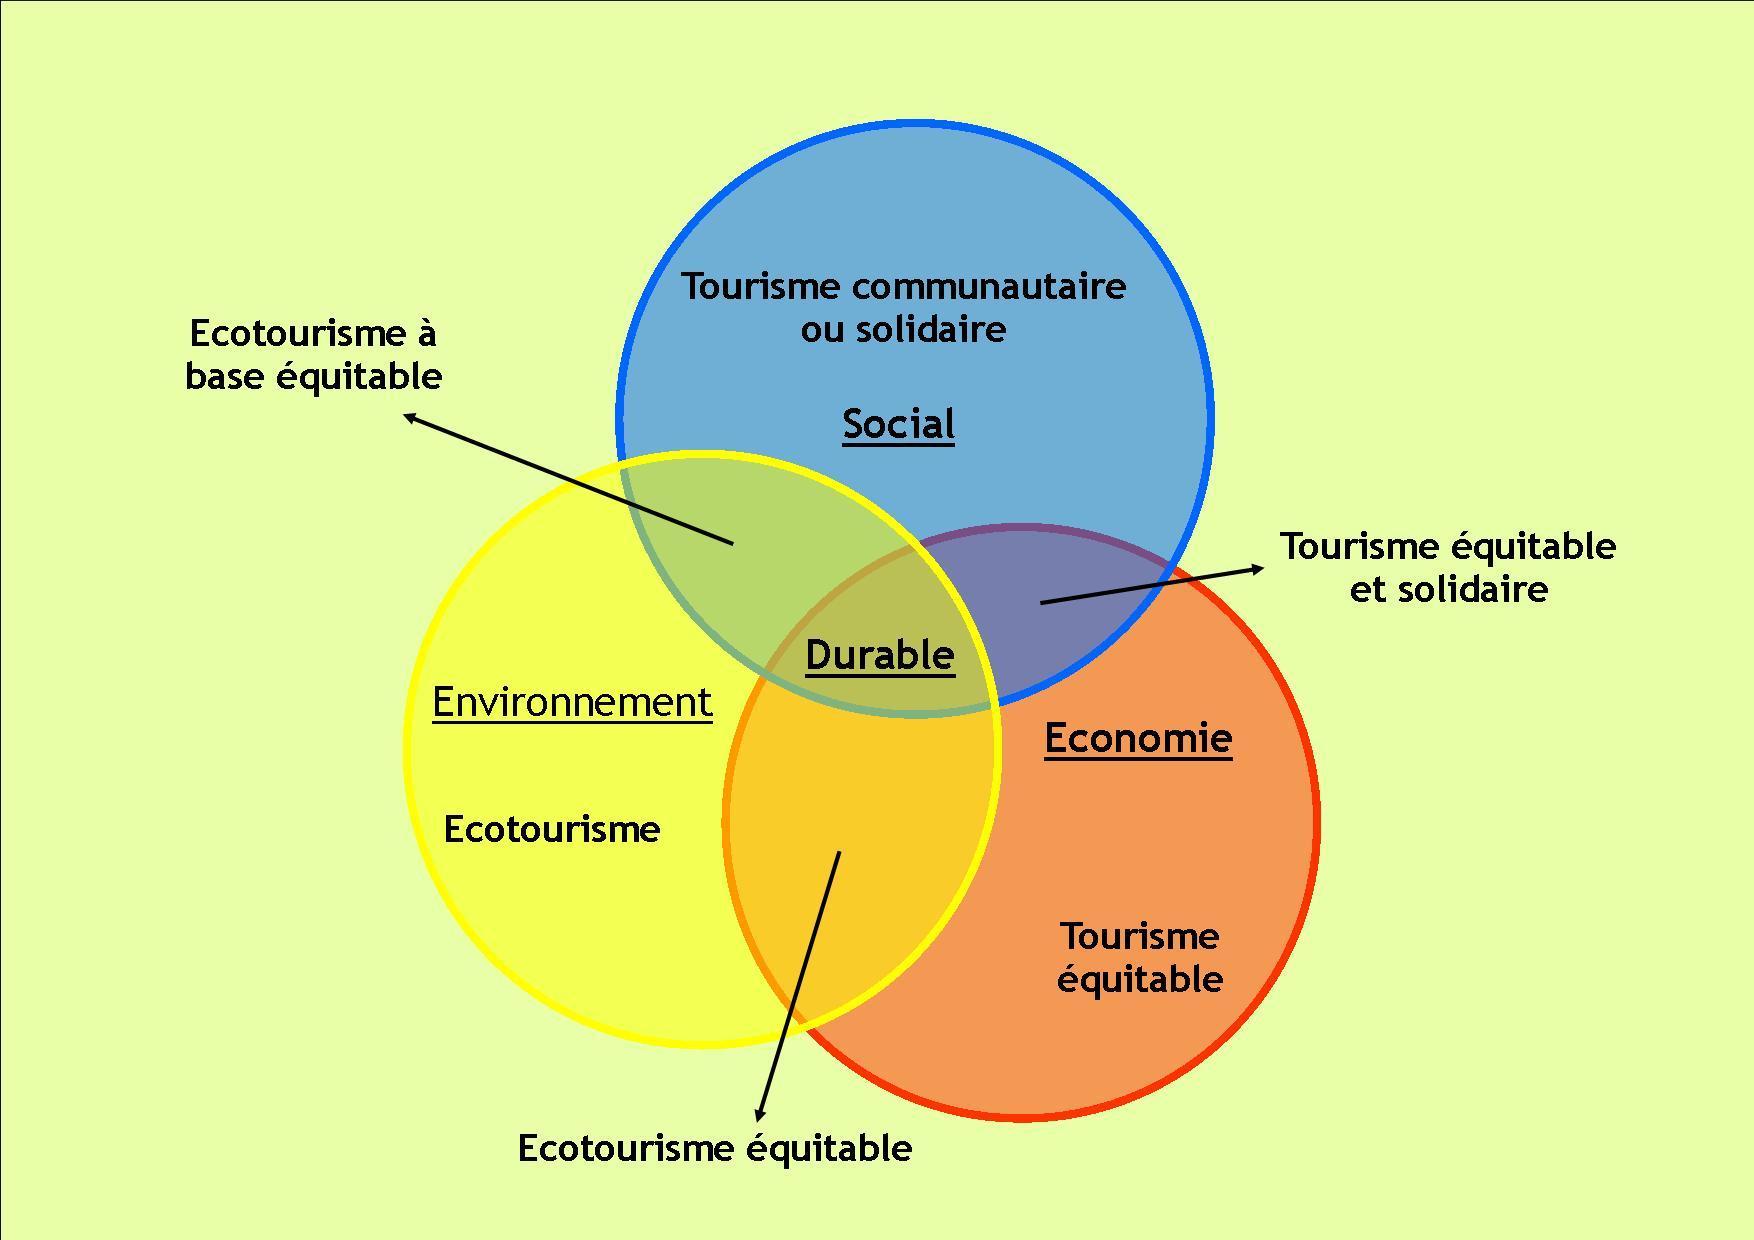 tourisme equitable et solidaire - Artisanat et commerce ...